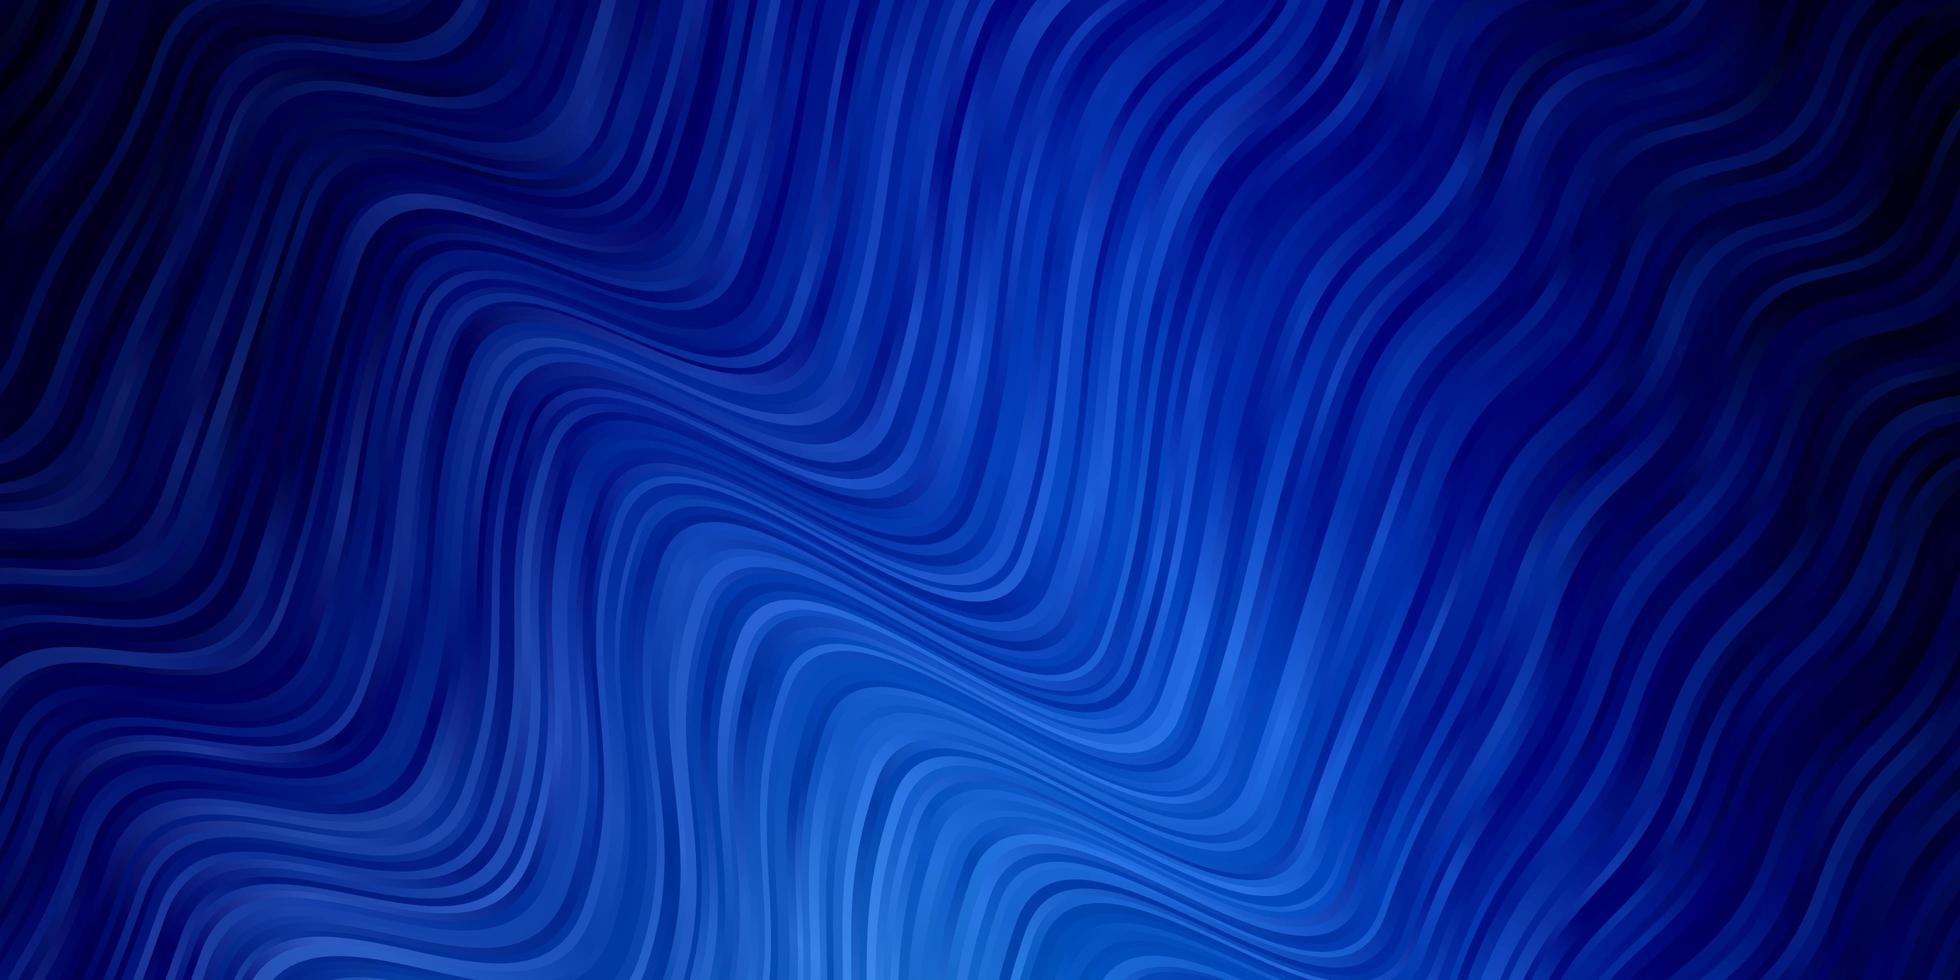 blauwe sjabloon met wrange lijnen. vector